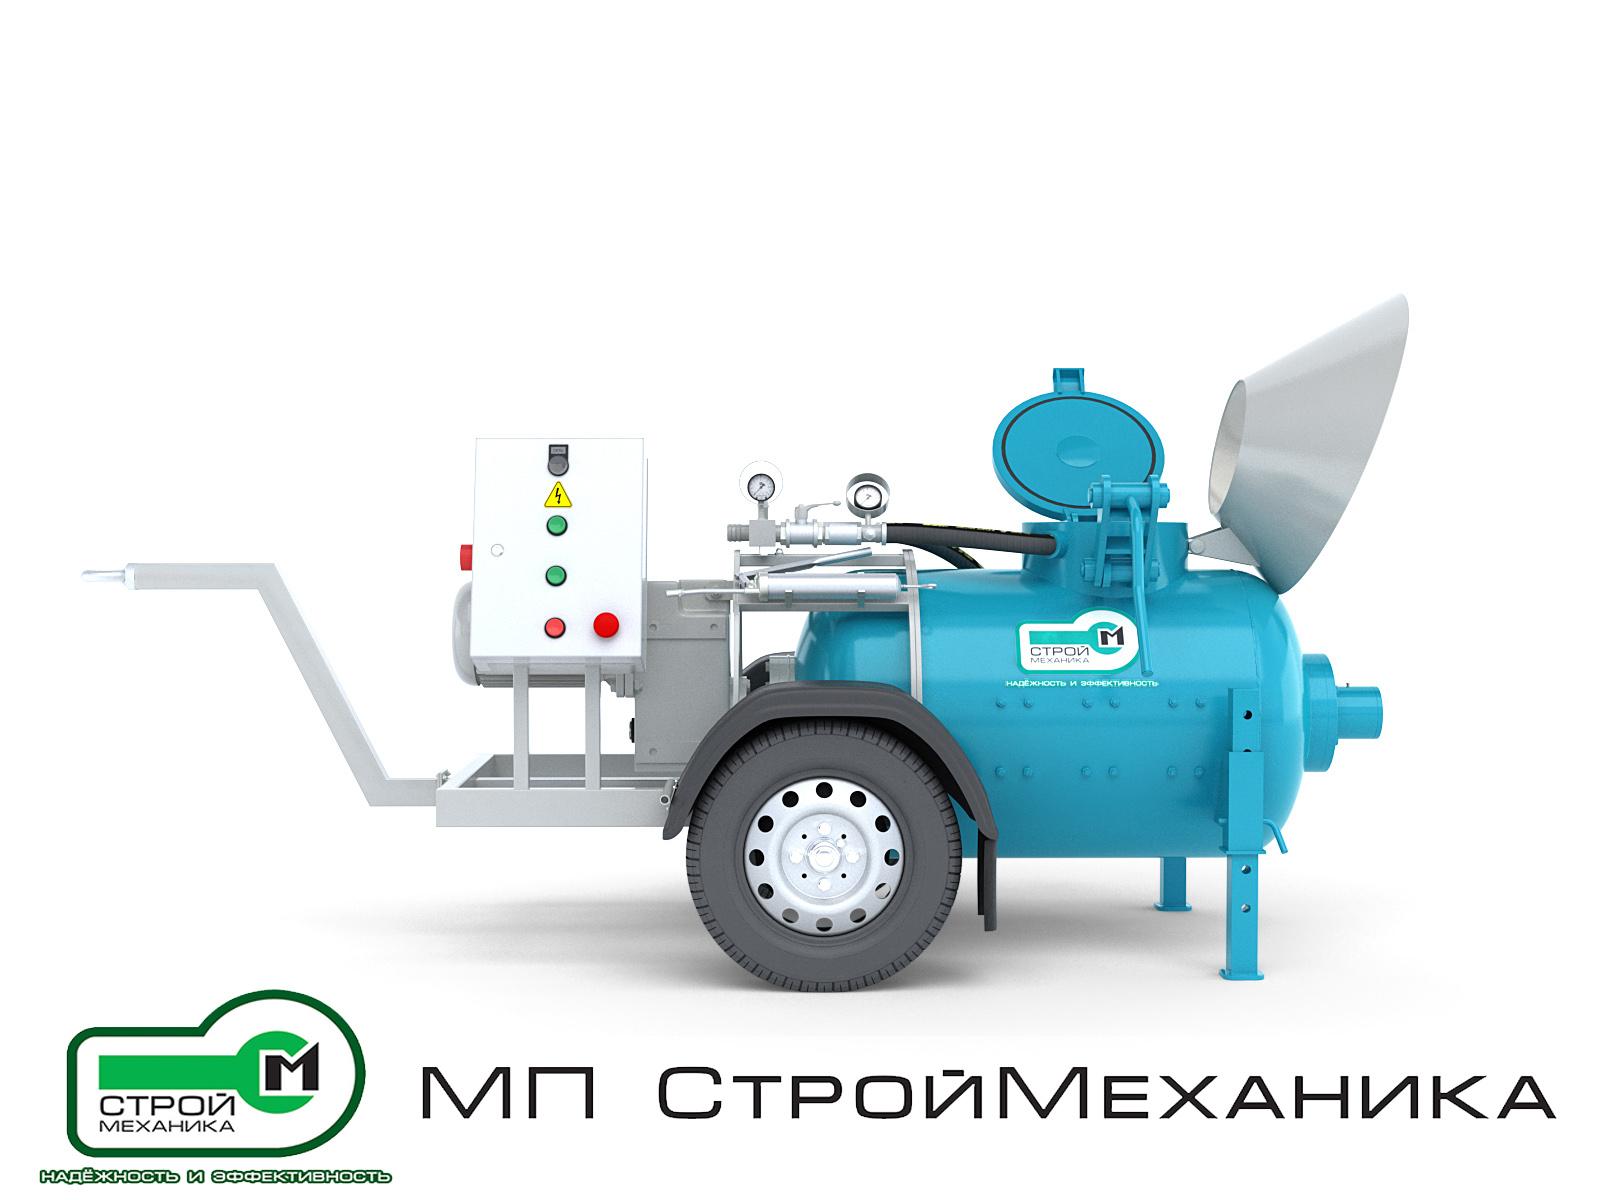 Пневмонагнетатель бетонной смеси крупнейшие производители бетона